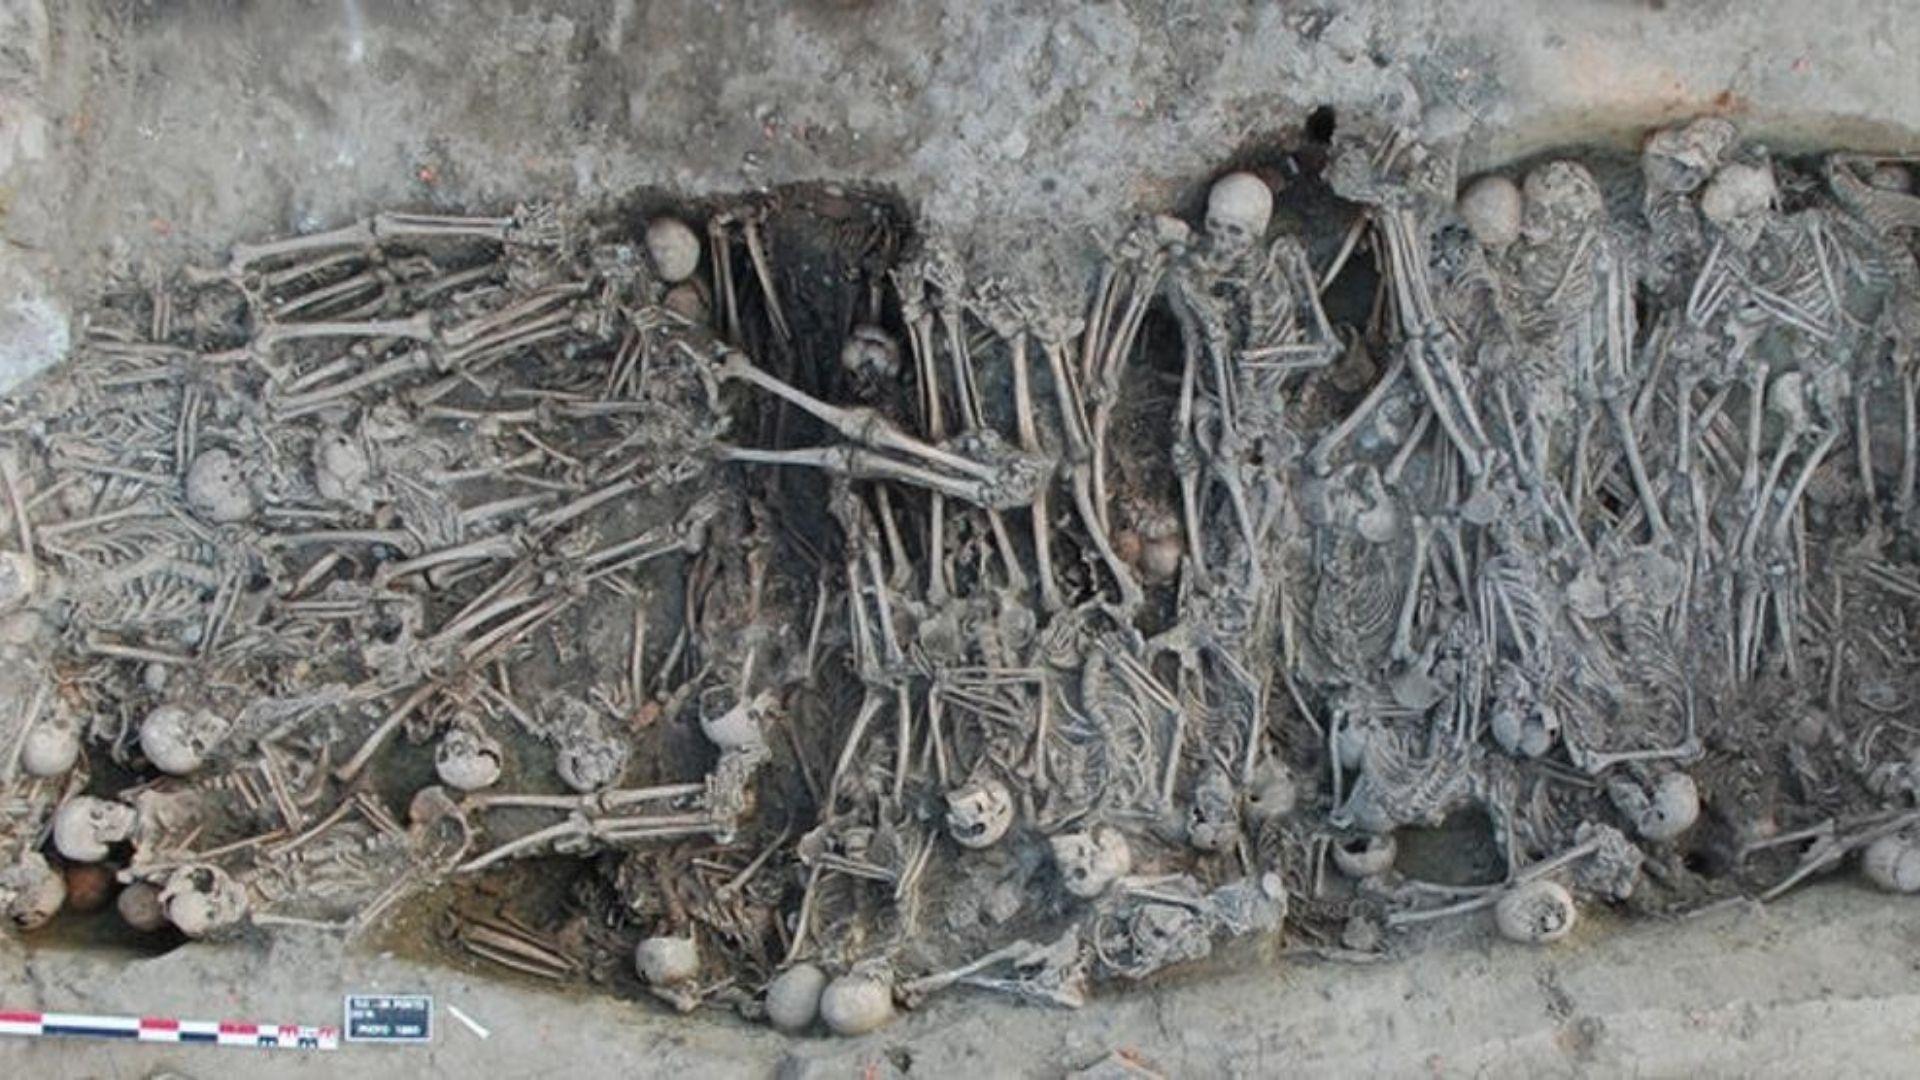 La Peste Negra. Años 1347-1352. Fue una de las epidemias más mortíferas de la Historia. Los muertos se estiman entre 20 y 50 millones de personas, llegando a afectar al 50% de muchas ciudades europeas y asiáticas. La provocaba una bacteria transmitida por las pulgas de las ratas negras. En la imagen, fosa común de la época de la peste negra encontrada en Toulouse (Max Planck Institute). ©Archeodunum SAS, Gourvennec Michäel